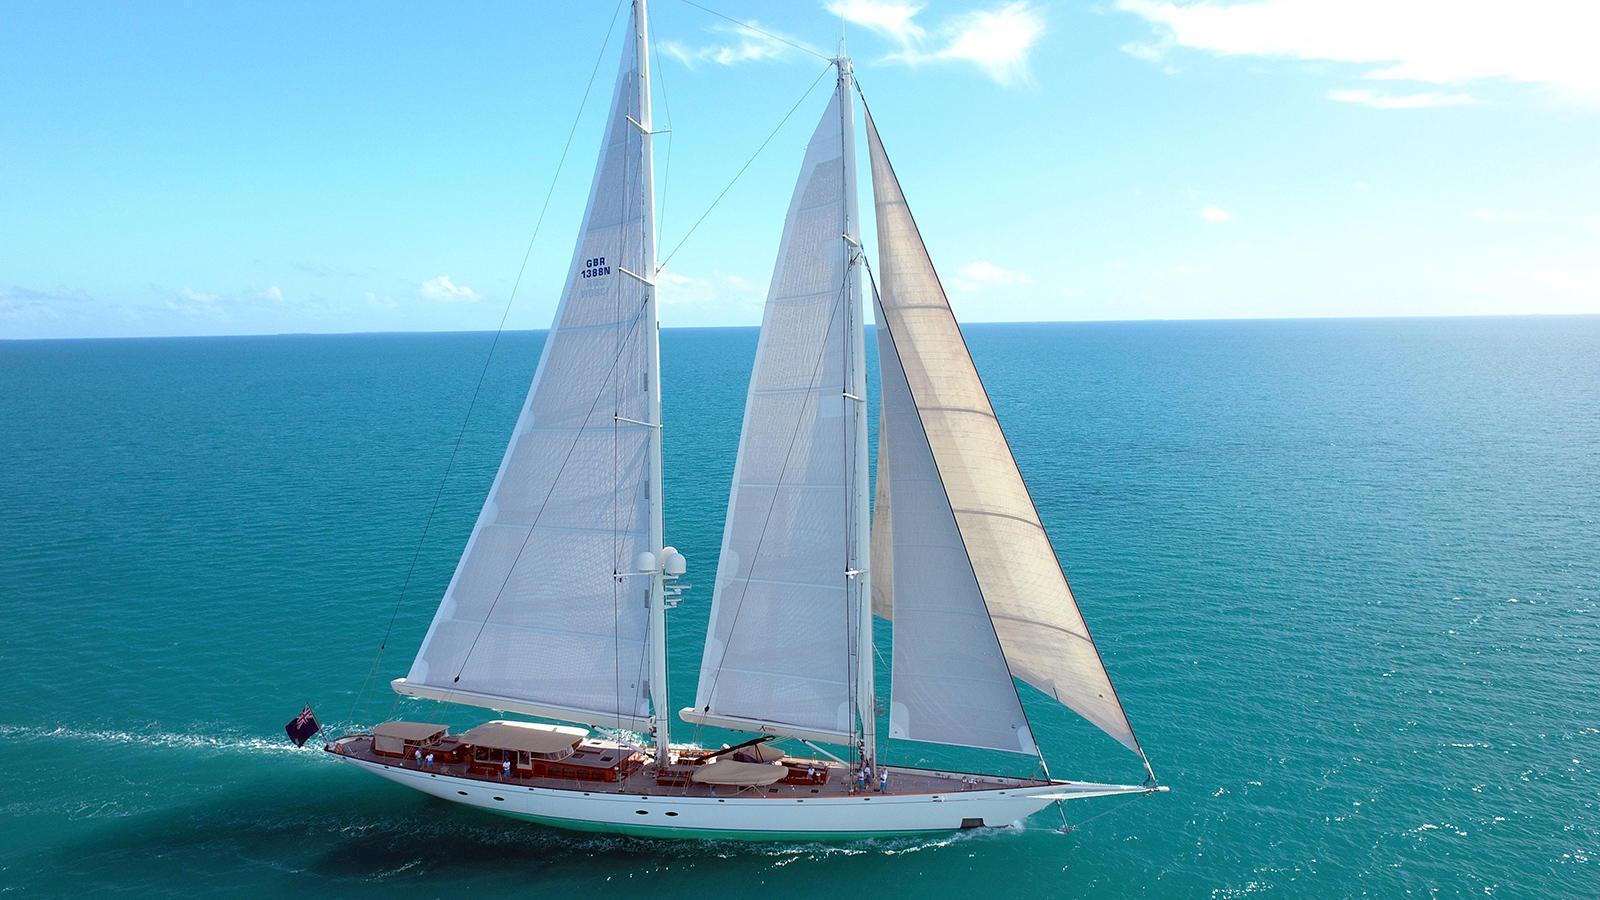 athos-sailing-yacht-holland-jachtbouw-2010-62m-cruising